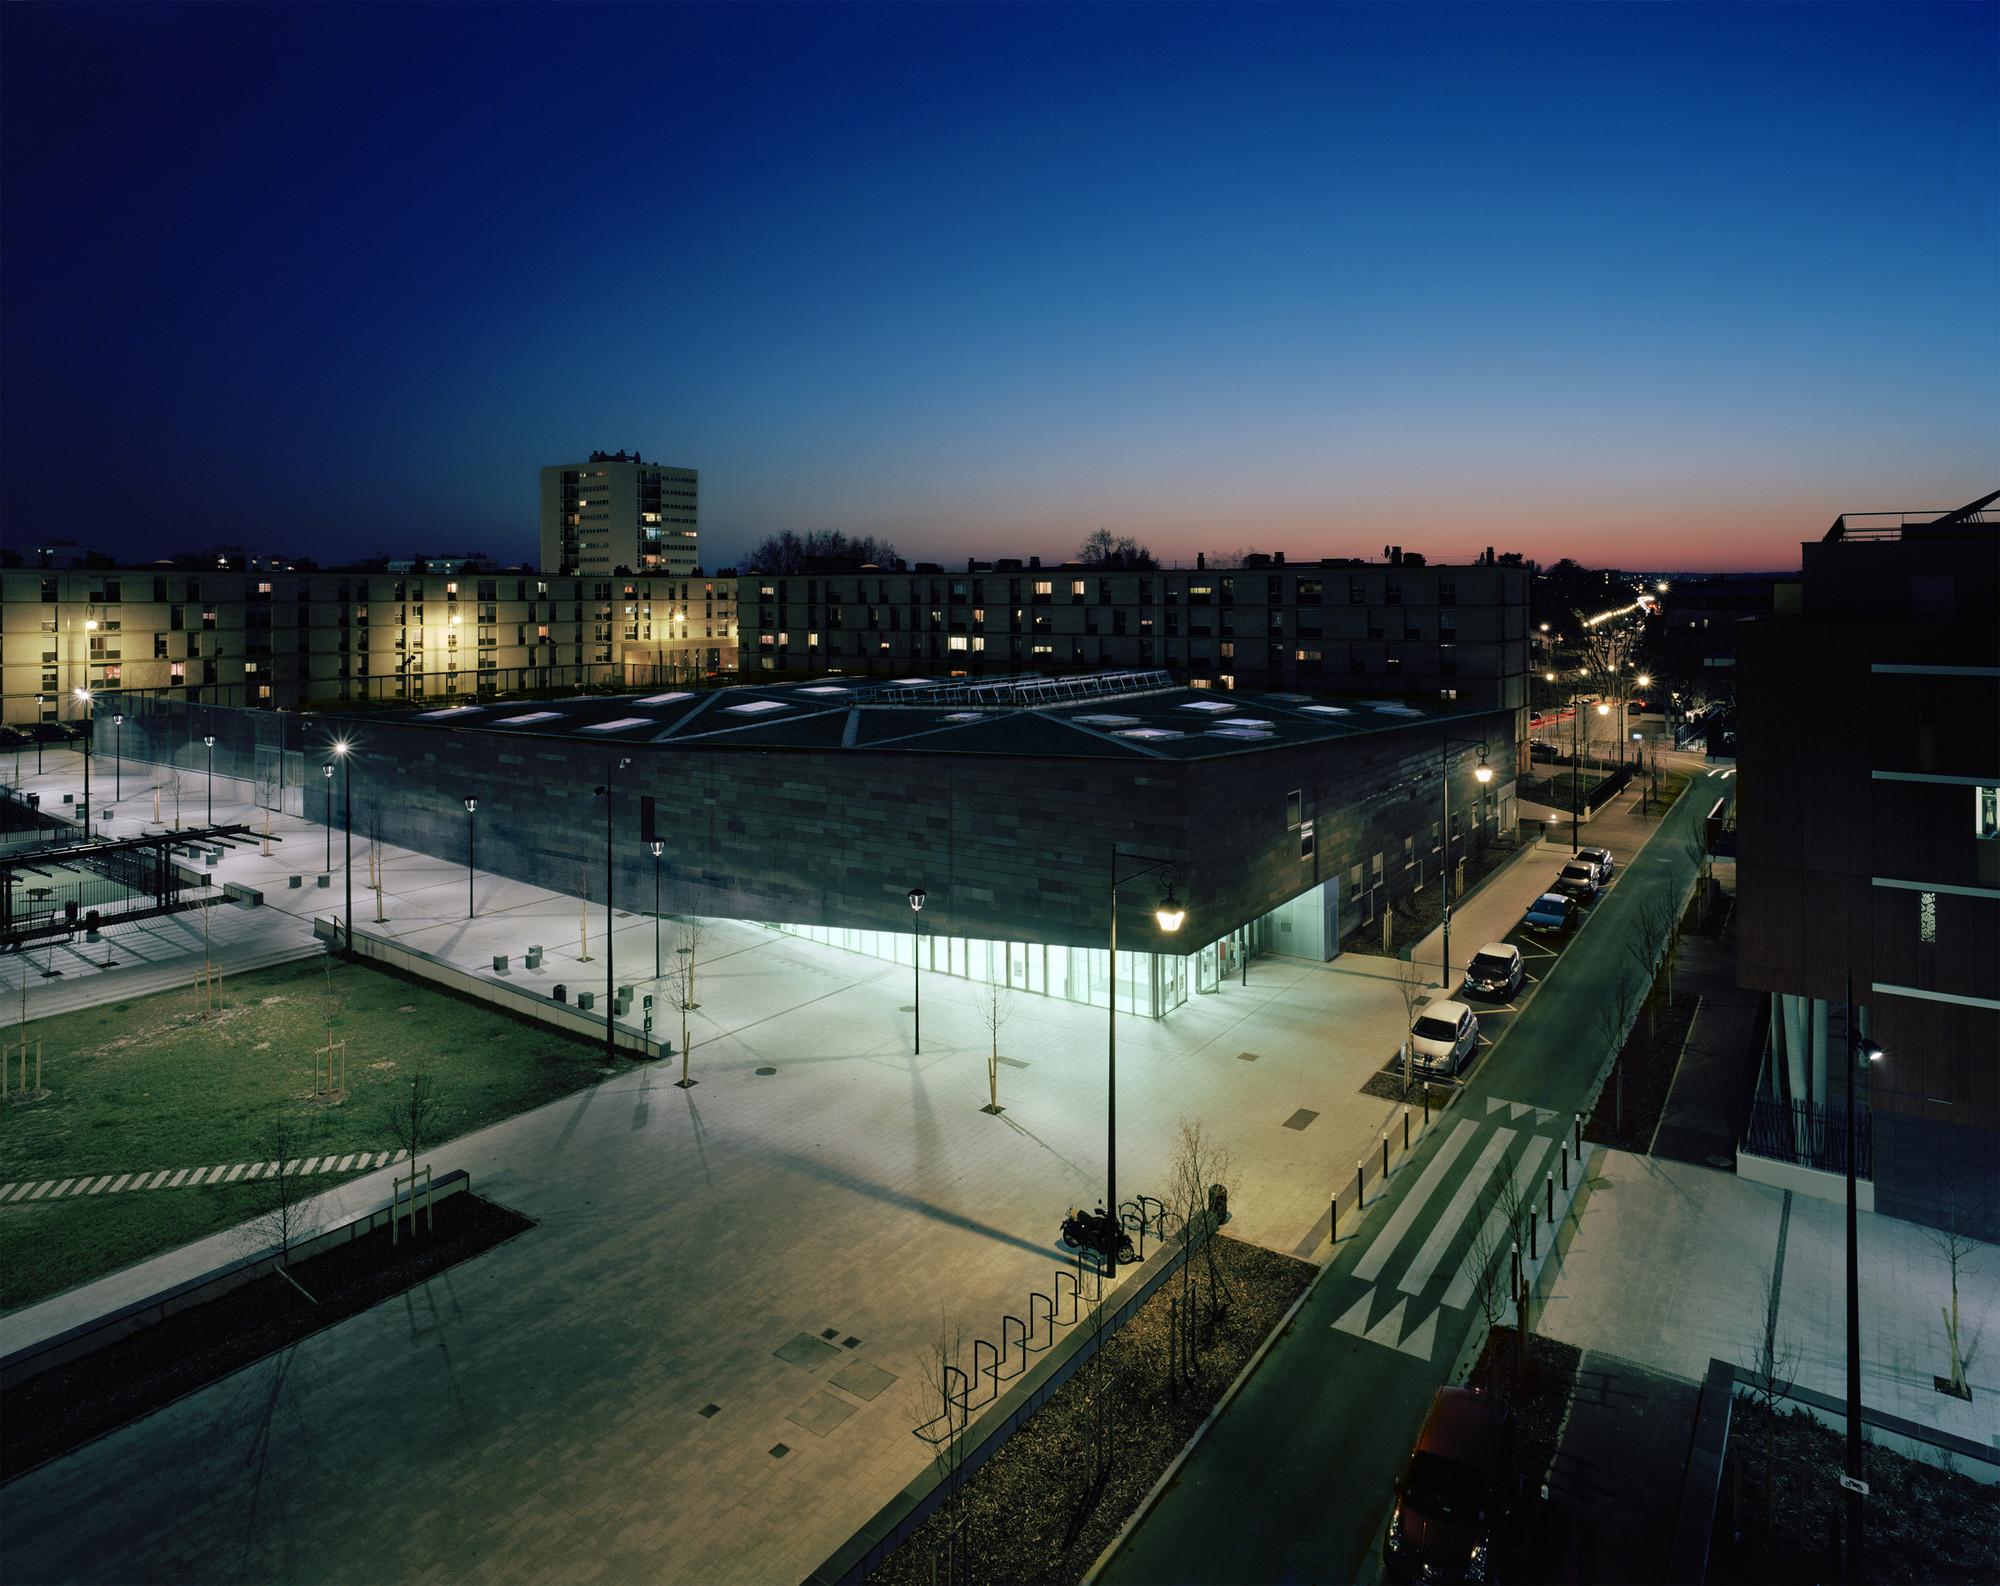 galeria de complexo multiesportivo antony archi5 associados com tecnova architecture 5. Black Bedroom Furniture Sets. Home Design Ideas